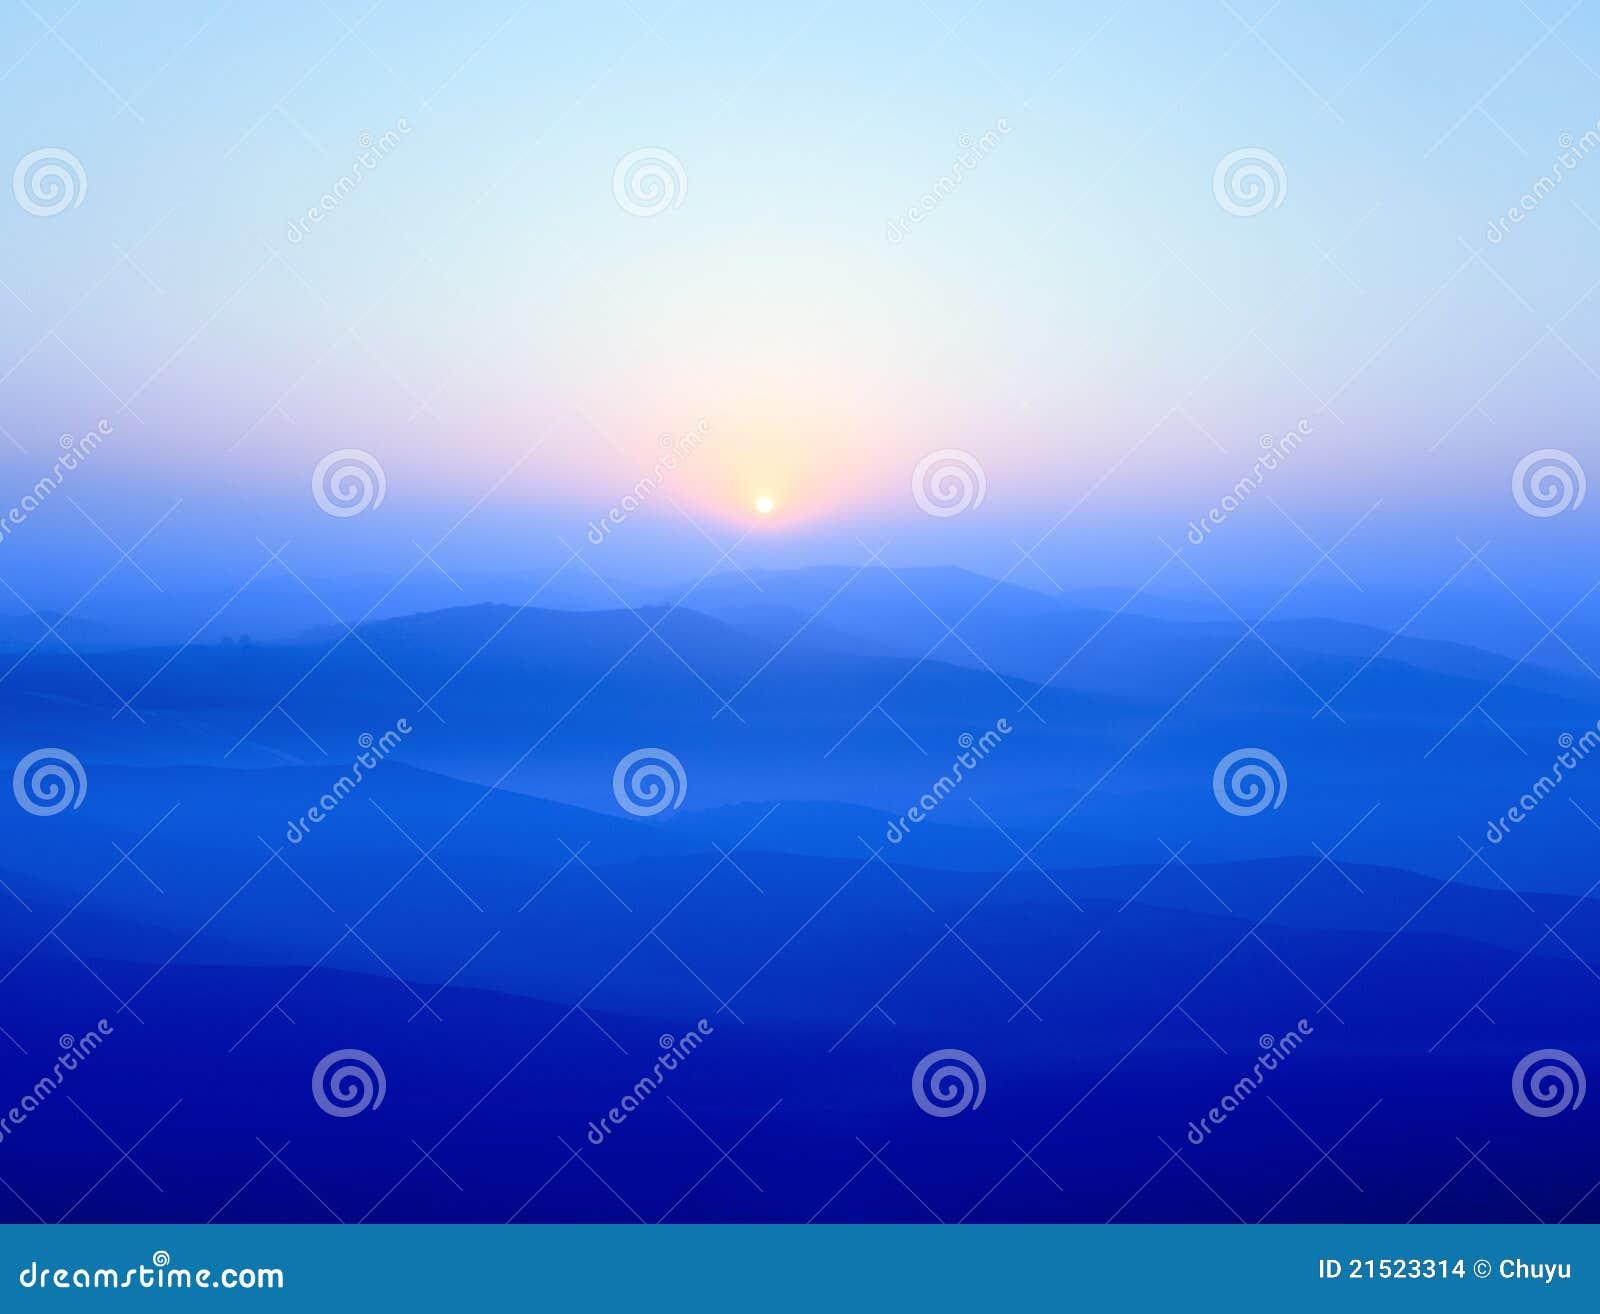 Blauwe randbergen